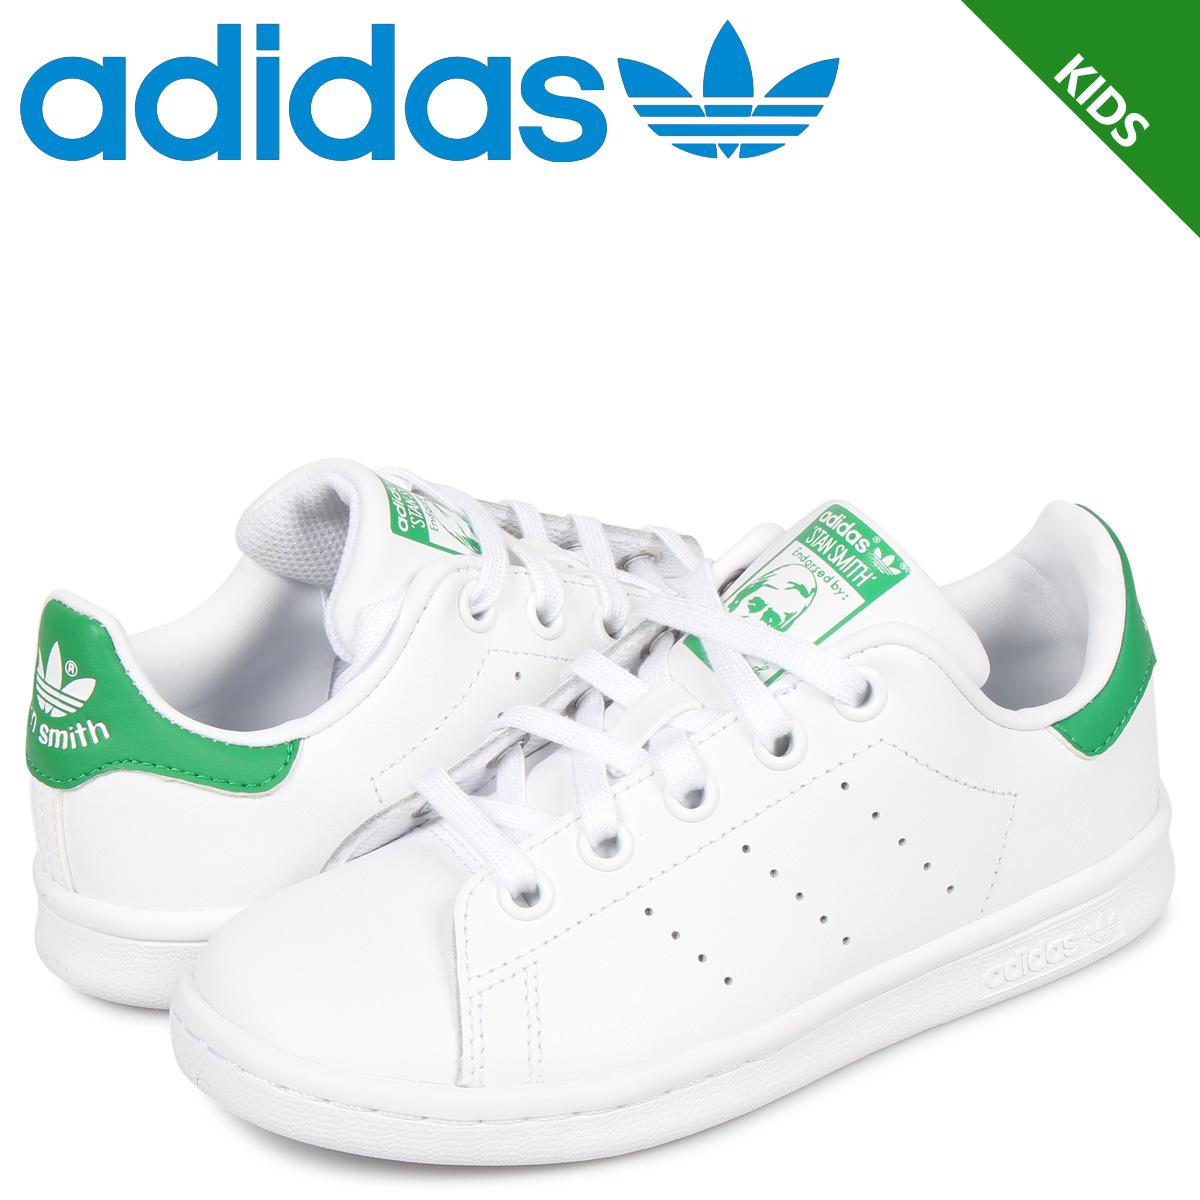 アディダス オリジナルス adidas Originals スタンスミス スニーカー キッズ STAN SMITH EL C ホワイト 白 BA8375